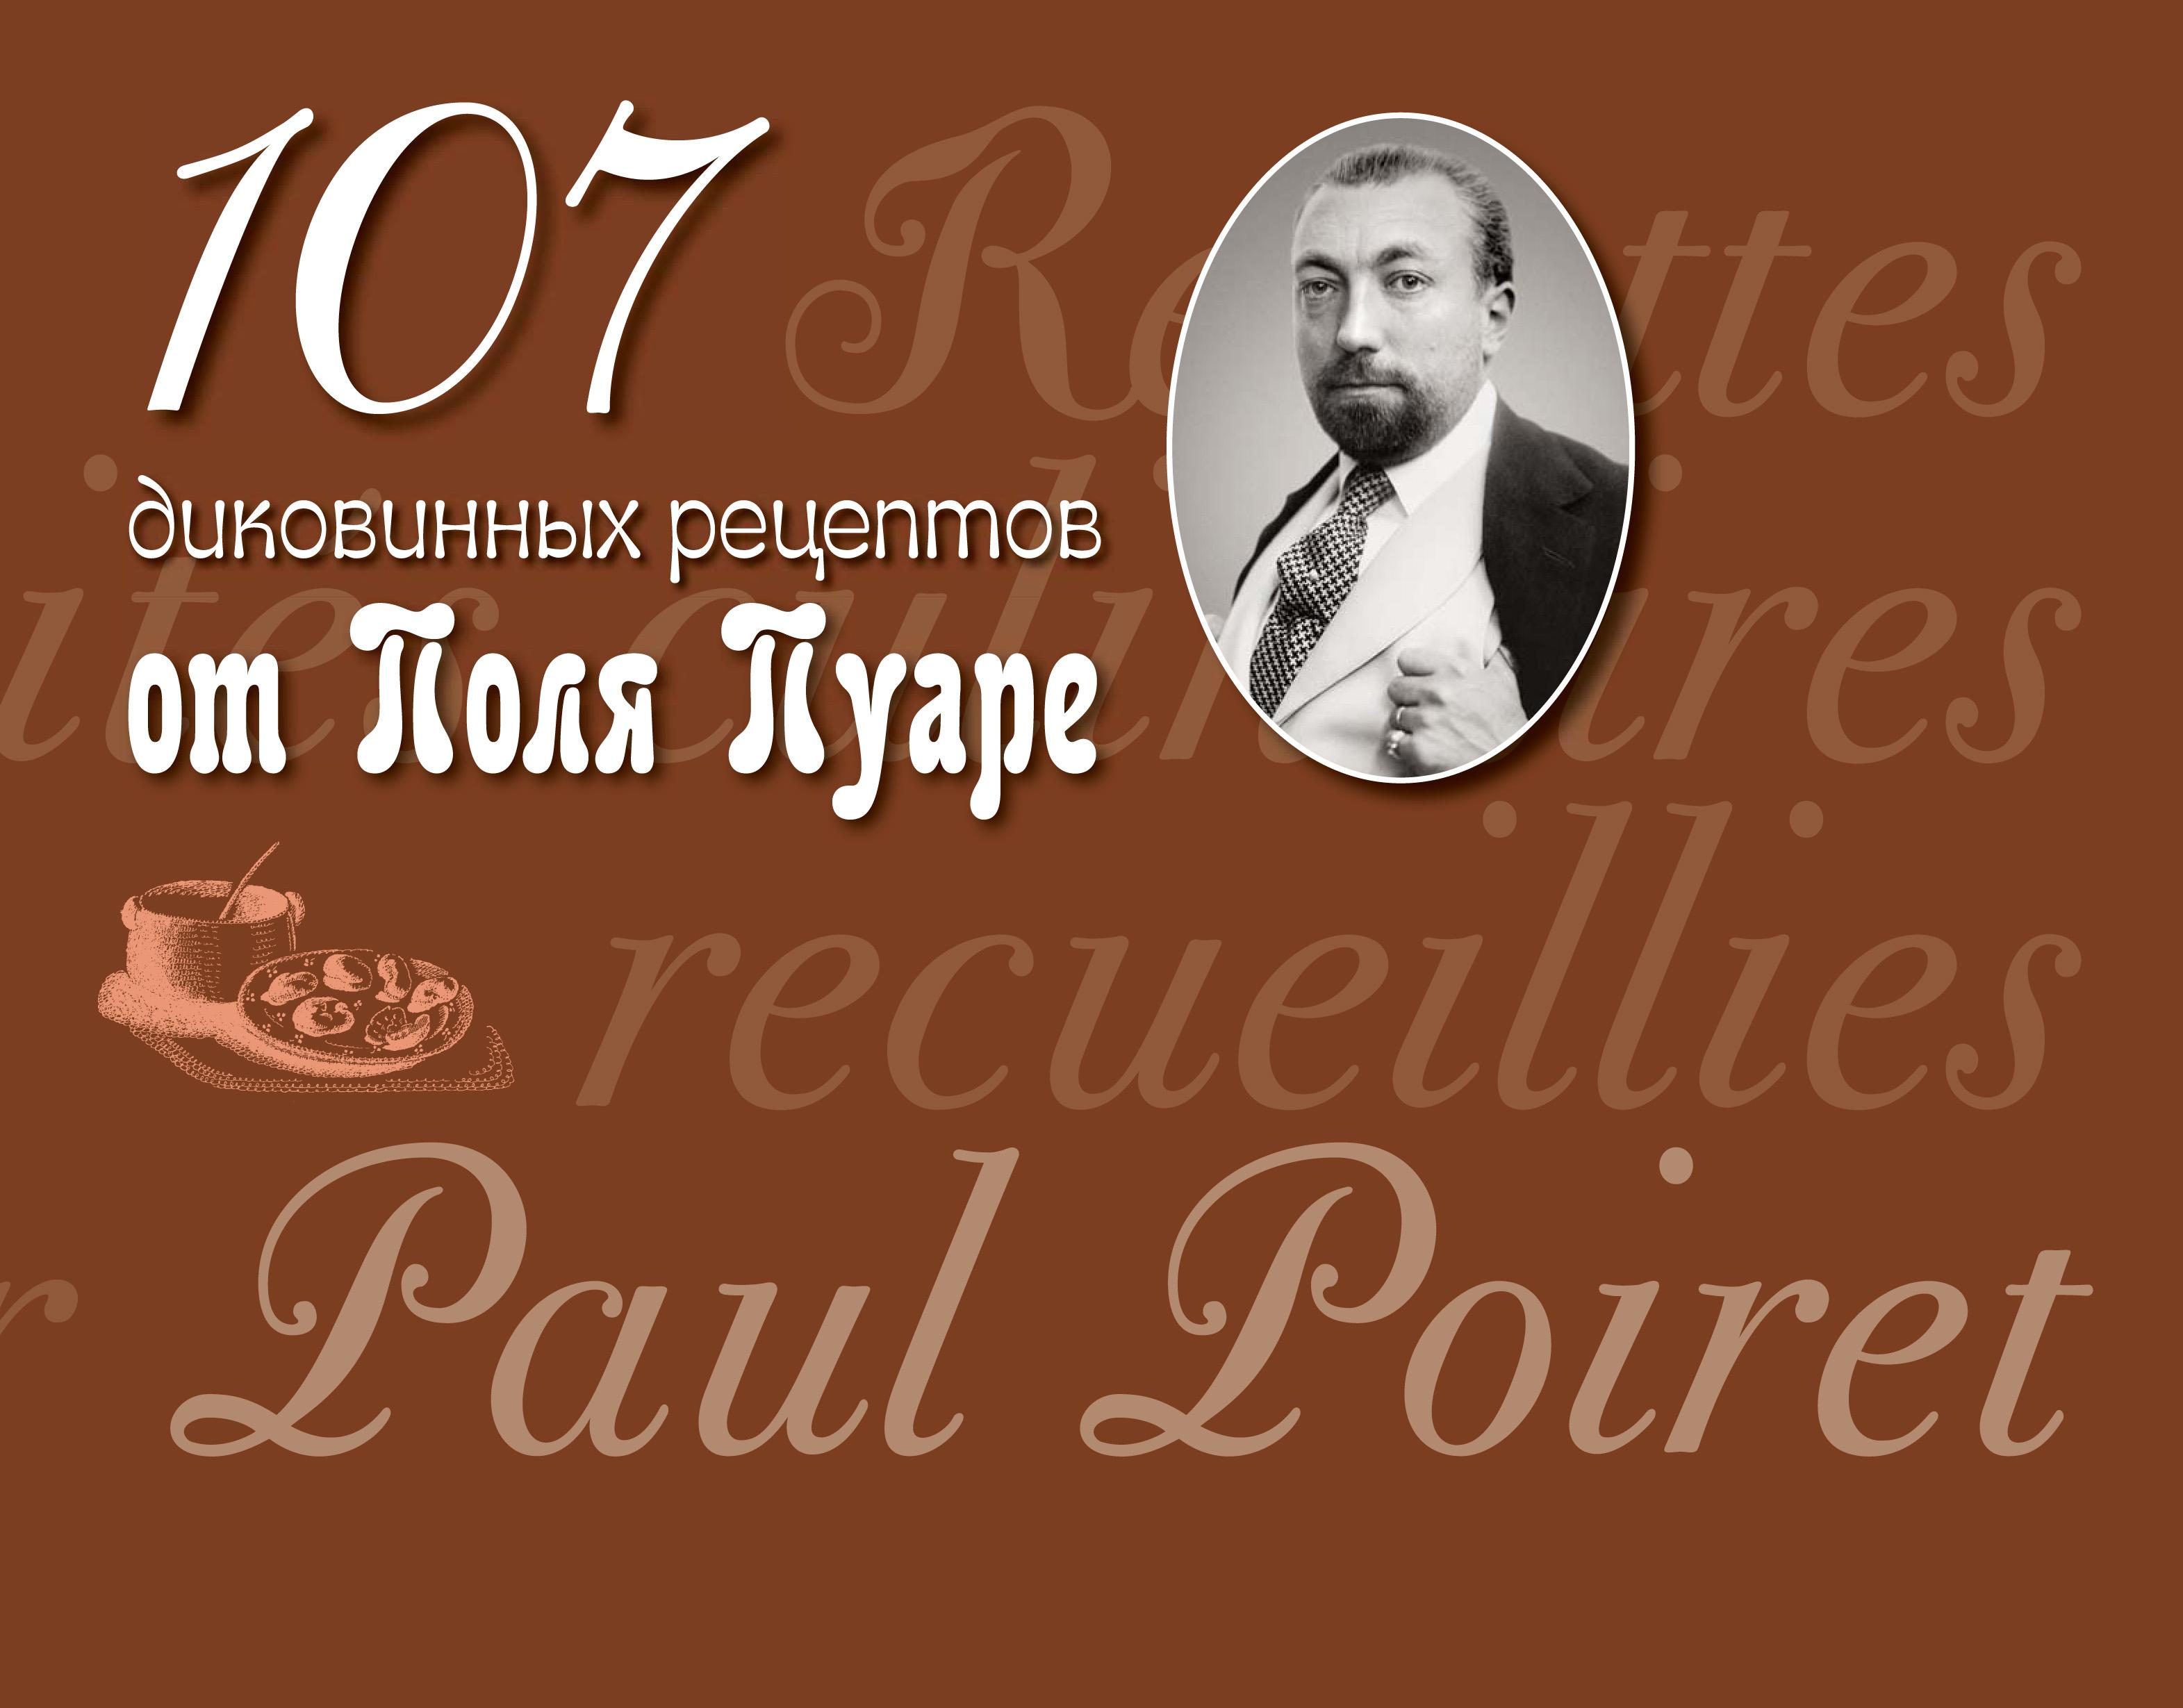 Поль Пуаре 107 диковинных рецептов от Поля Пуаре